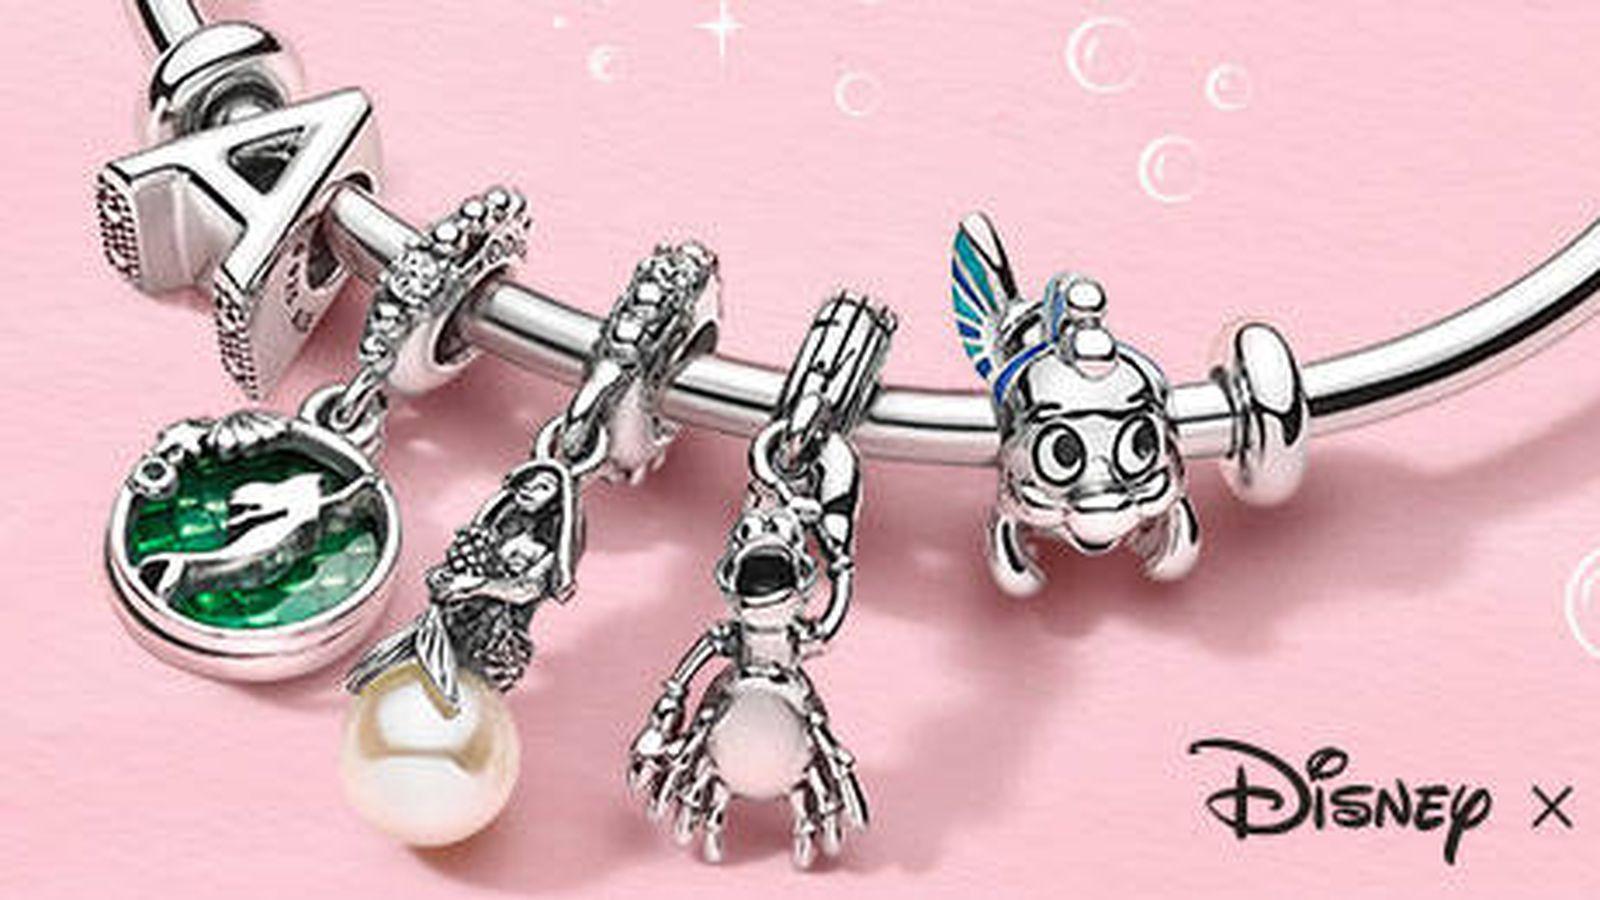 Foto: Sumérgete en el mundo Disney con charms de tus pelis preferidas. (Cortesía)